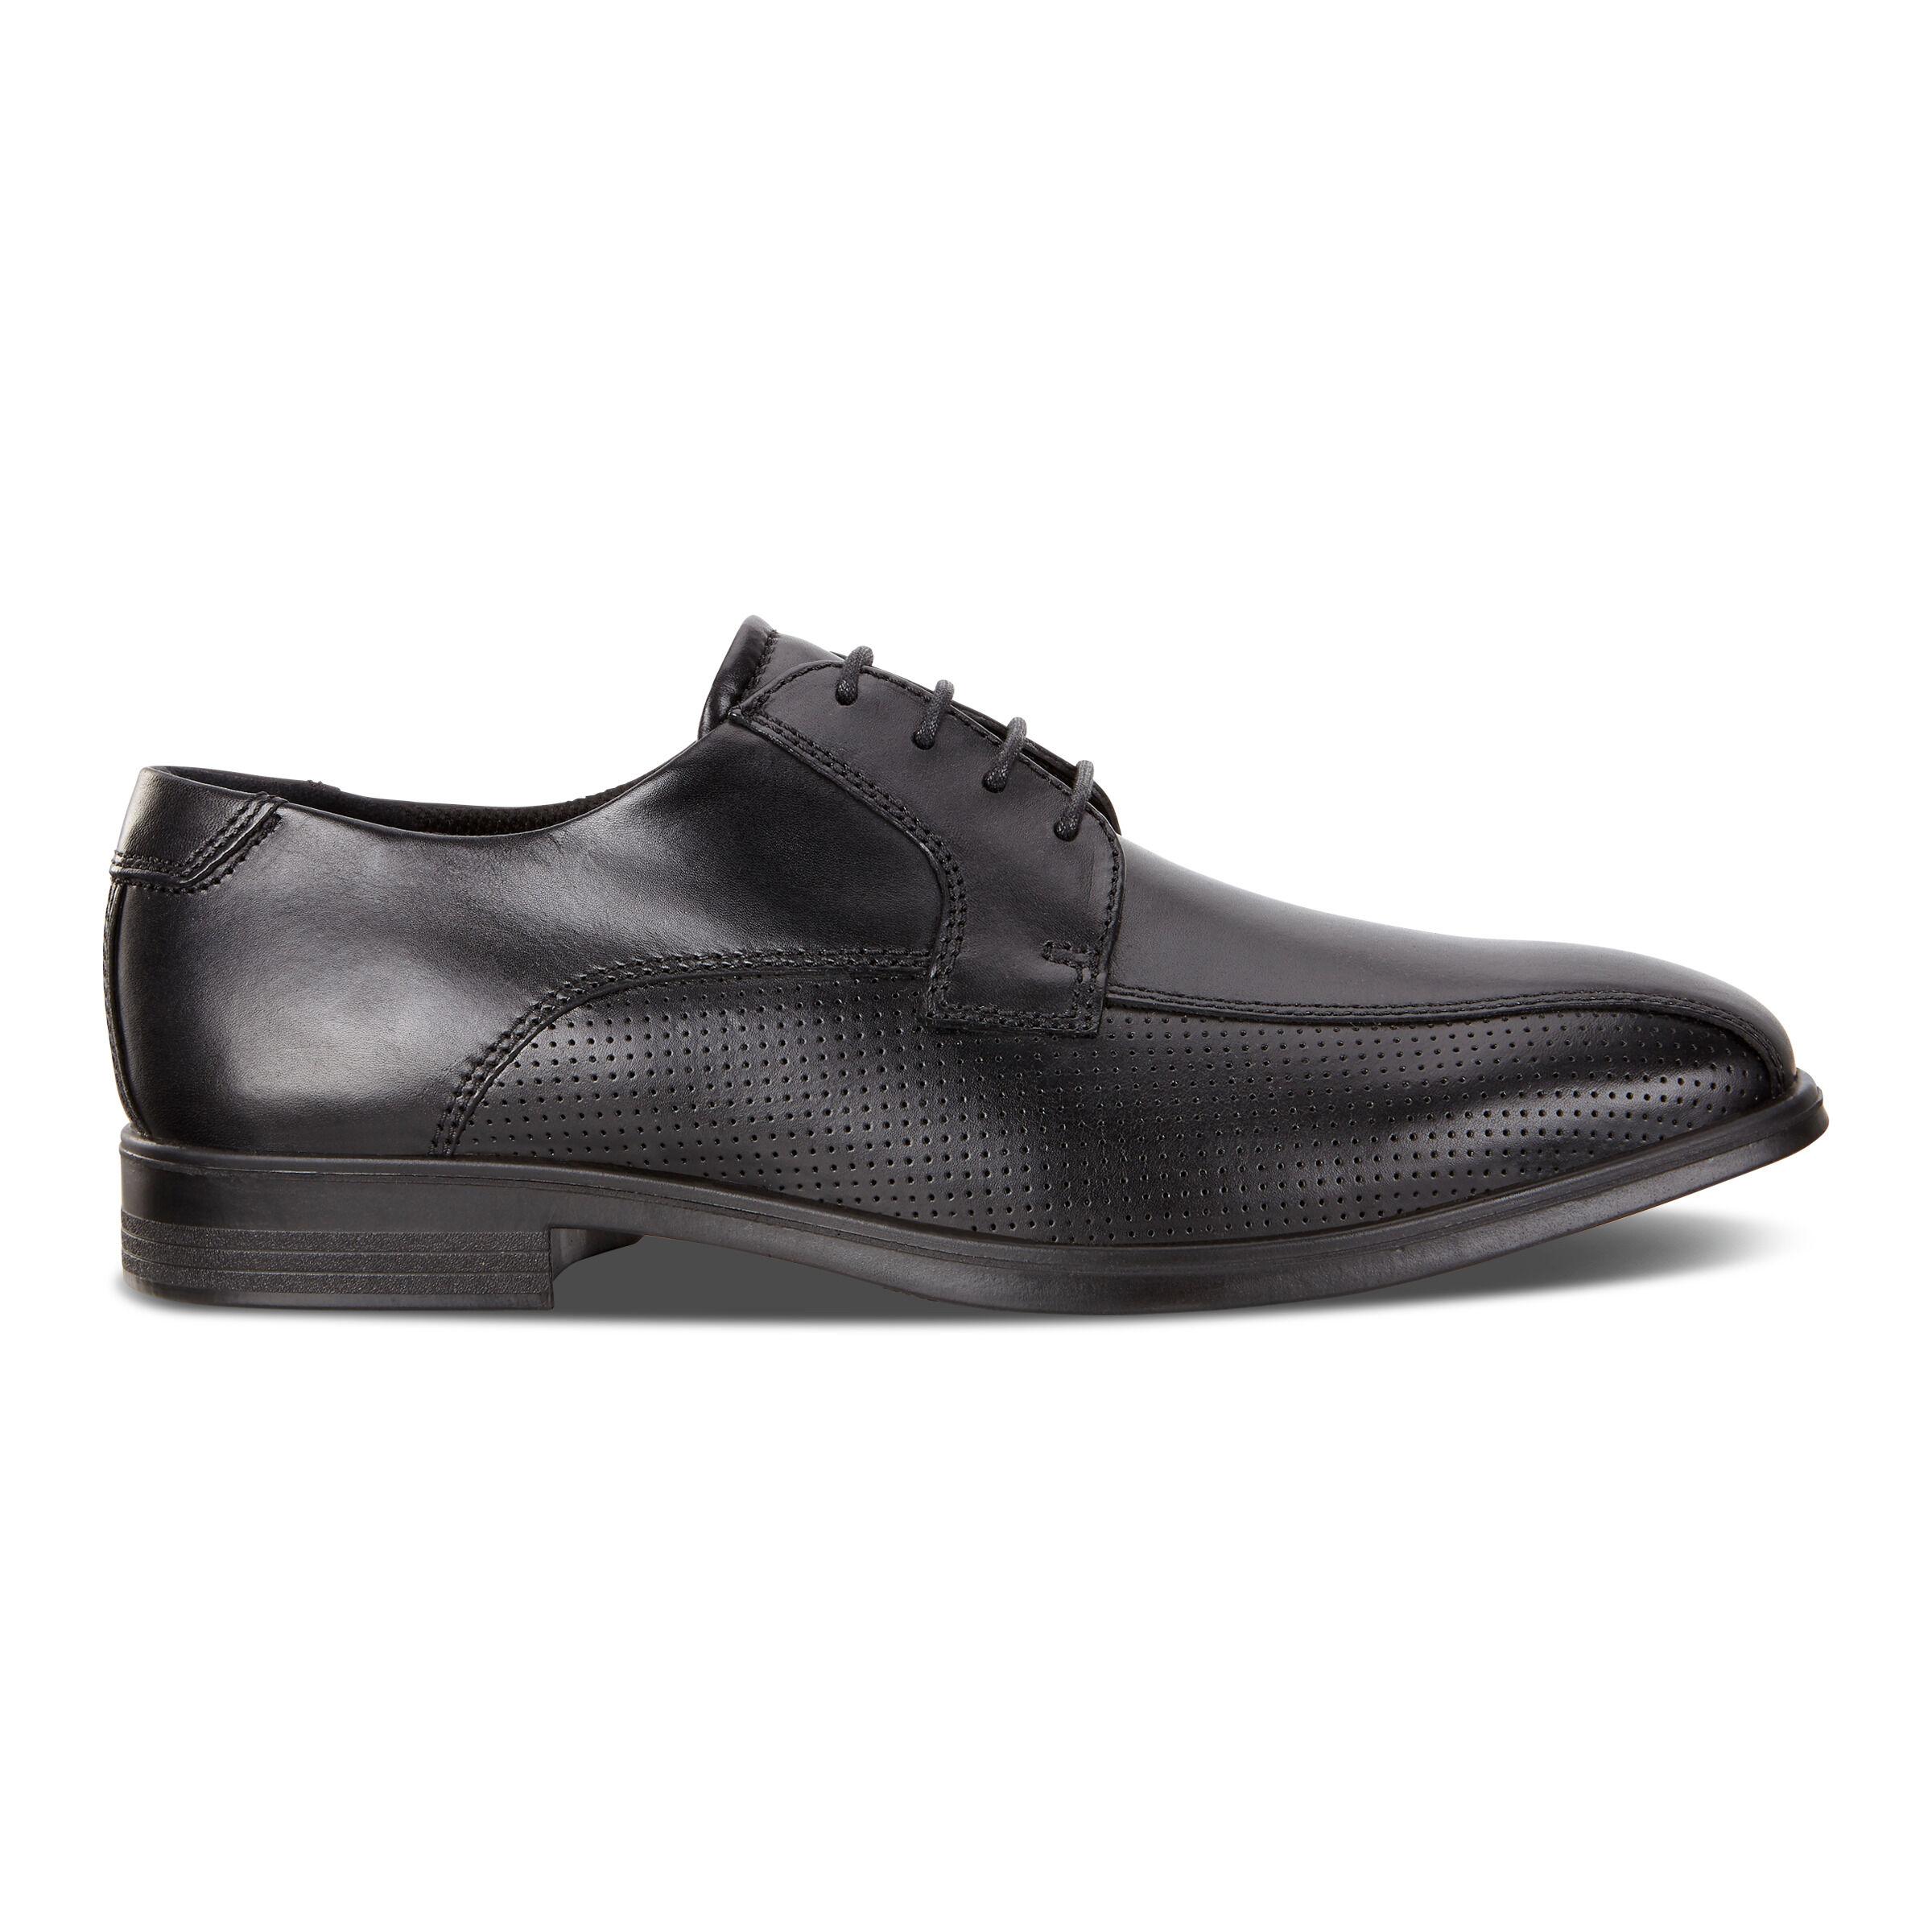 에코 맨 멜버른 슈즈 ECCO MELBOURNE Shoe,black